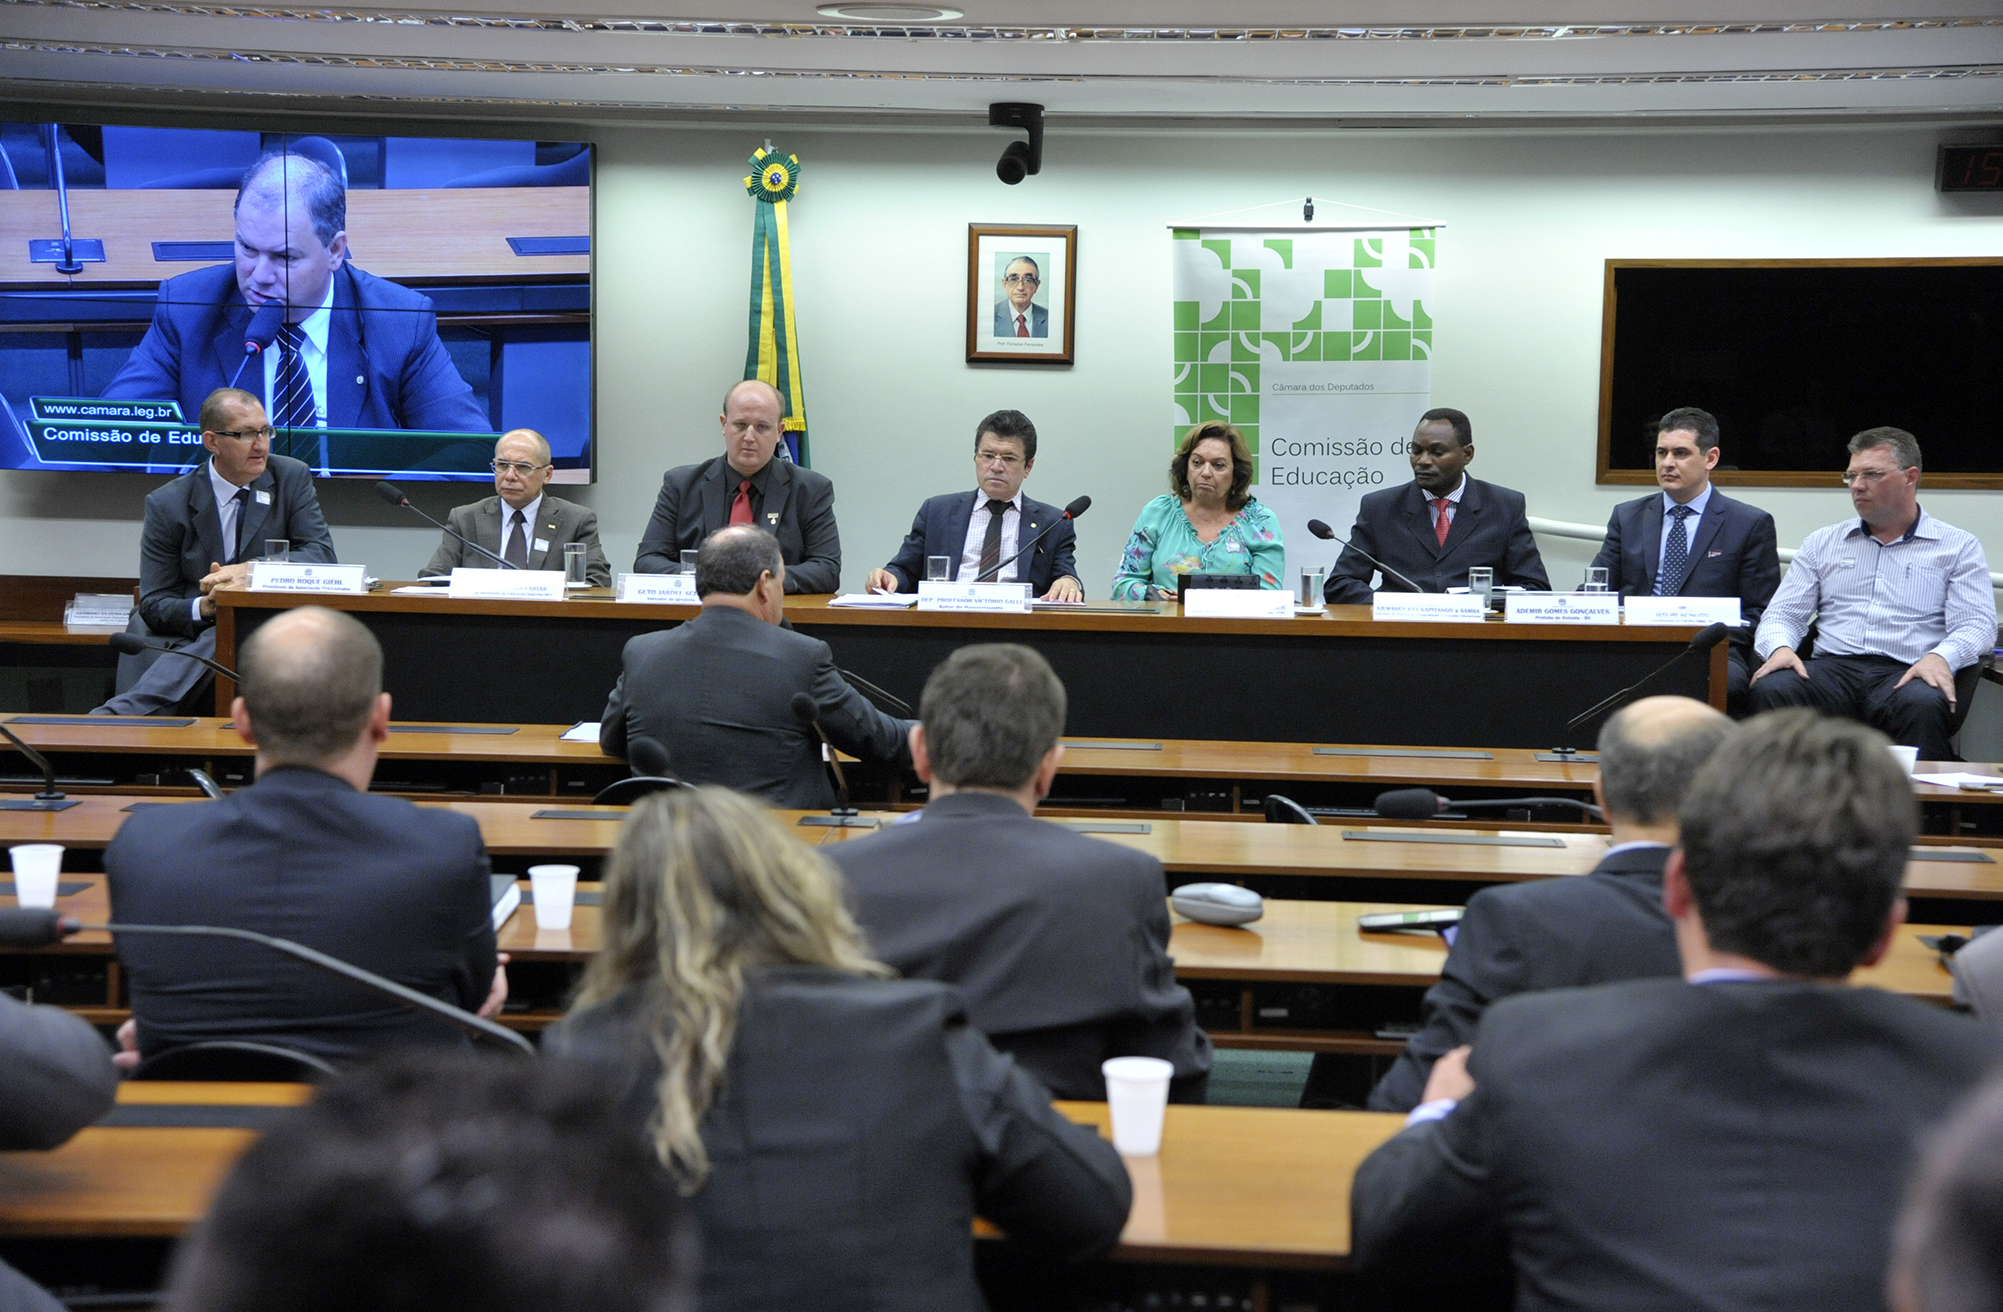 Audiência pública para debater novas Implantações de Campus de Ensinos Superiores Federais no Sistema de Educacional do País